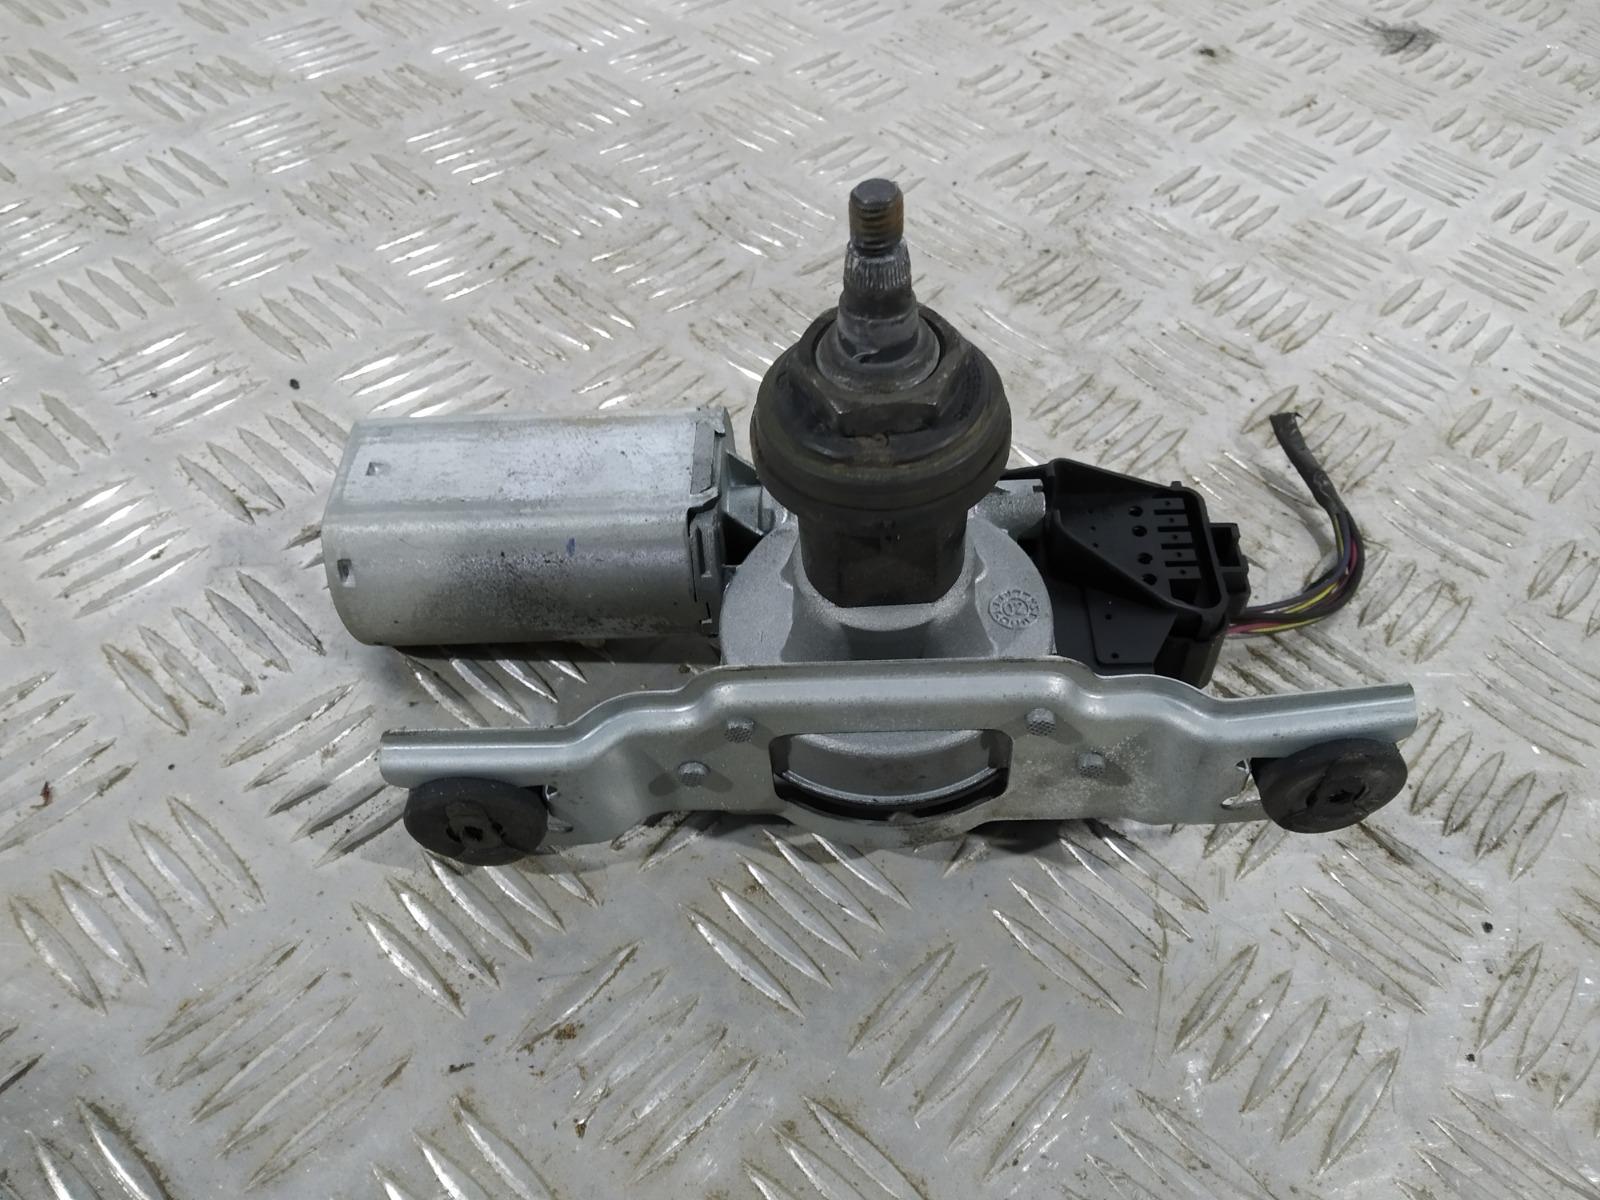 Моторчик заднего стеклоочистителя (дворника) Jeep Cherokee KJ 2.5 CRDI 2003 (б/у)